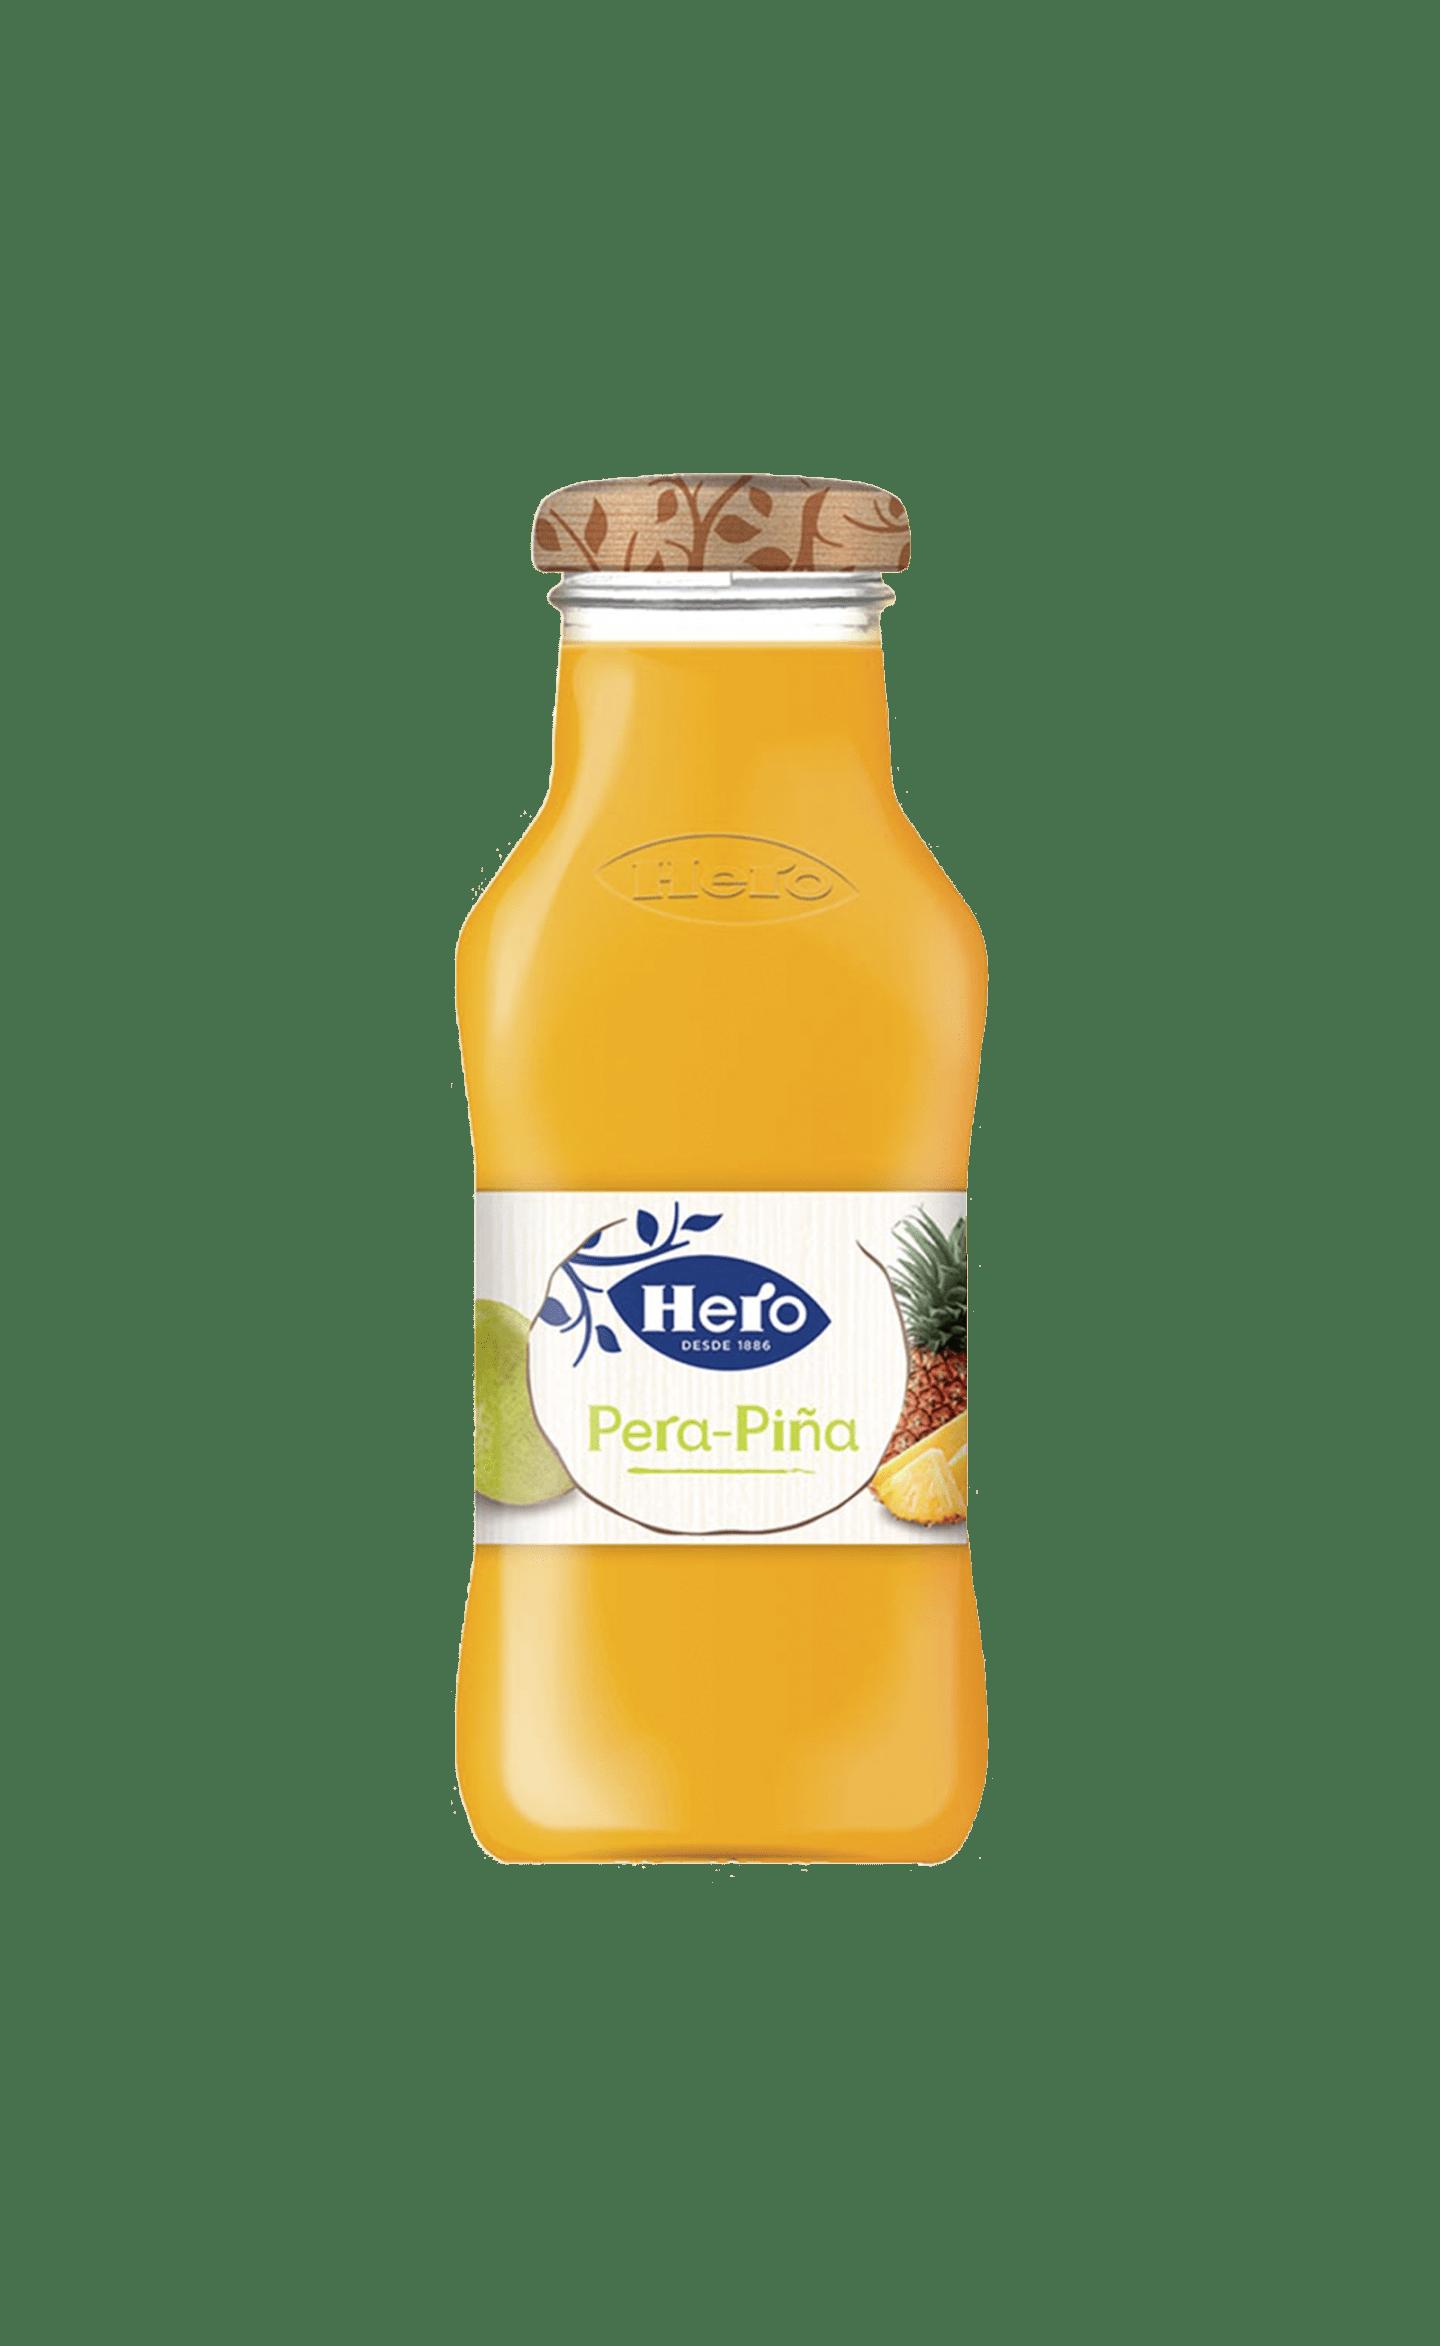 Néctar de pera y piña